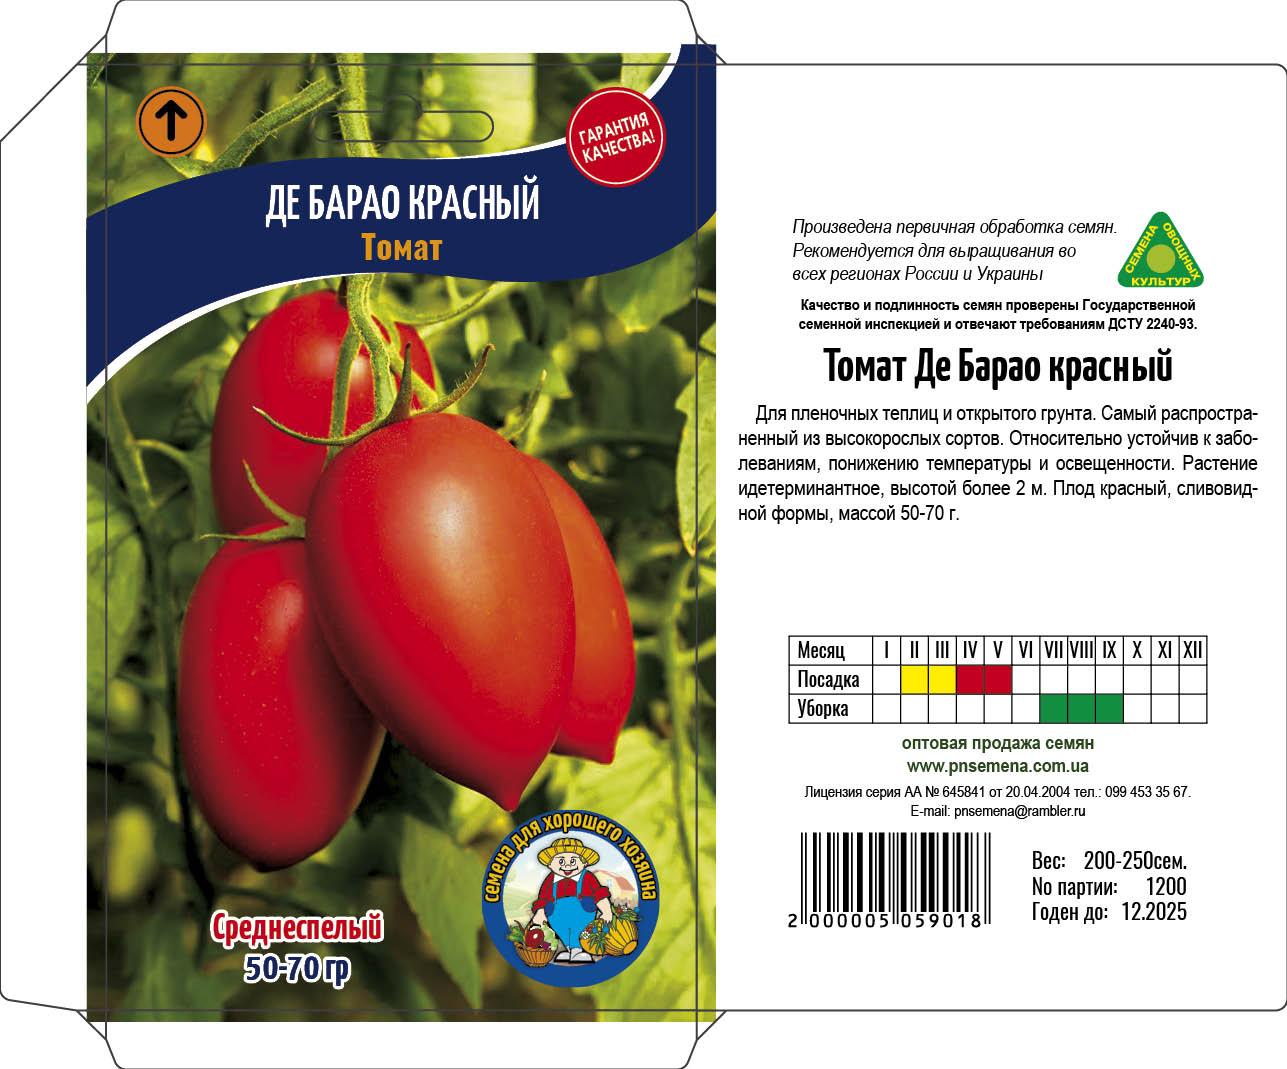 Фото, отзывы, описание, характеристика, урожайность сорта томата «исполин малиновый».